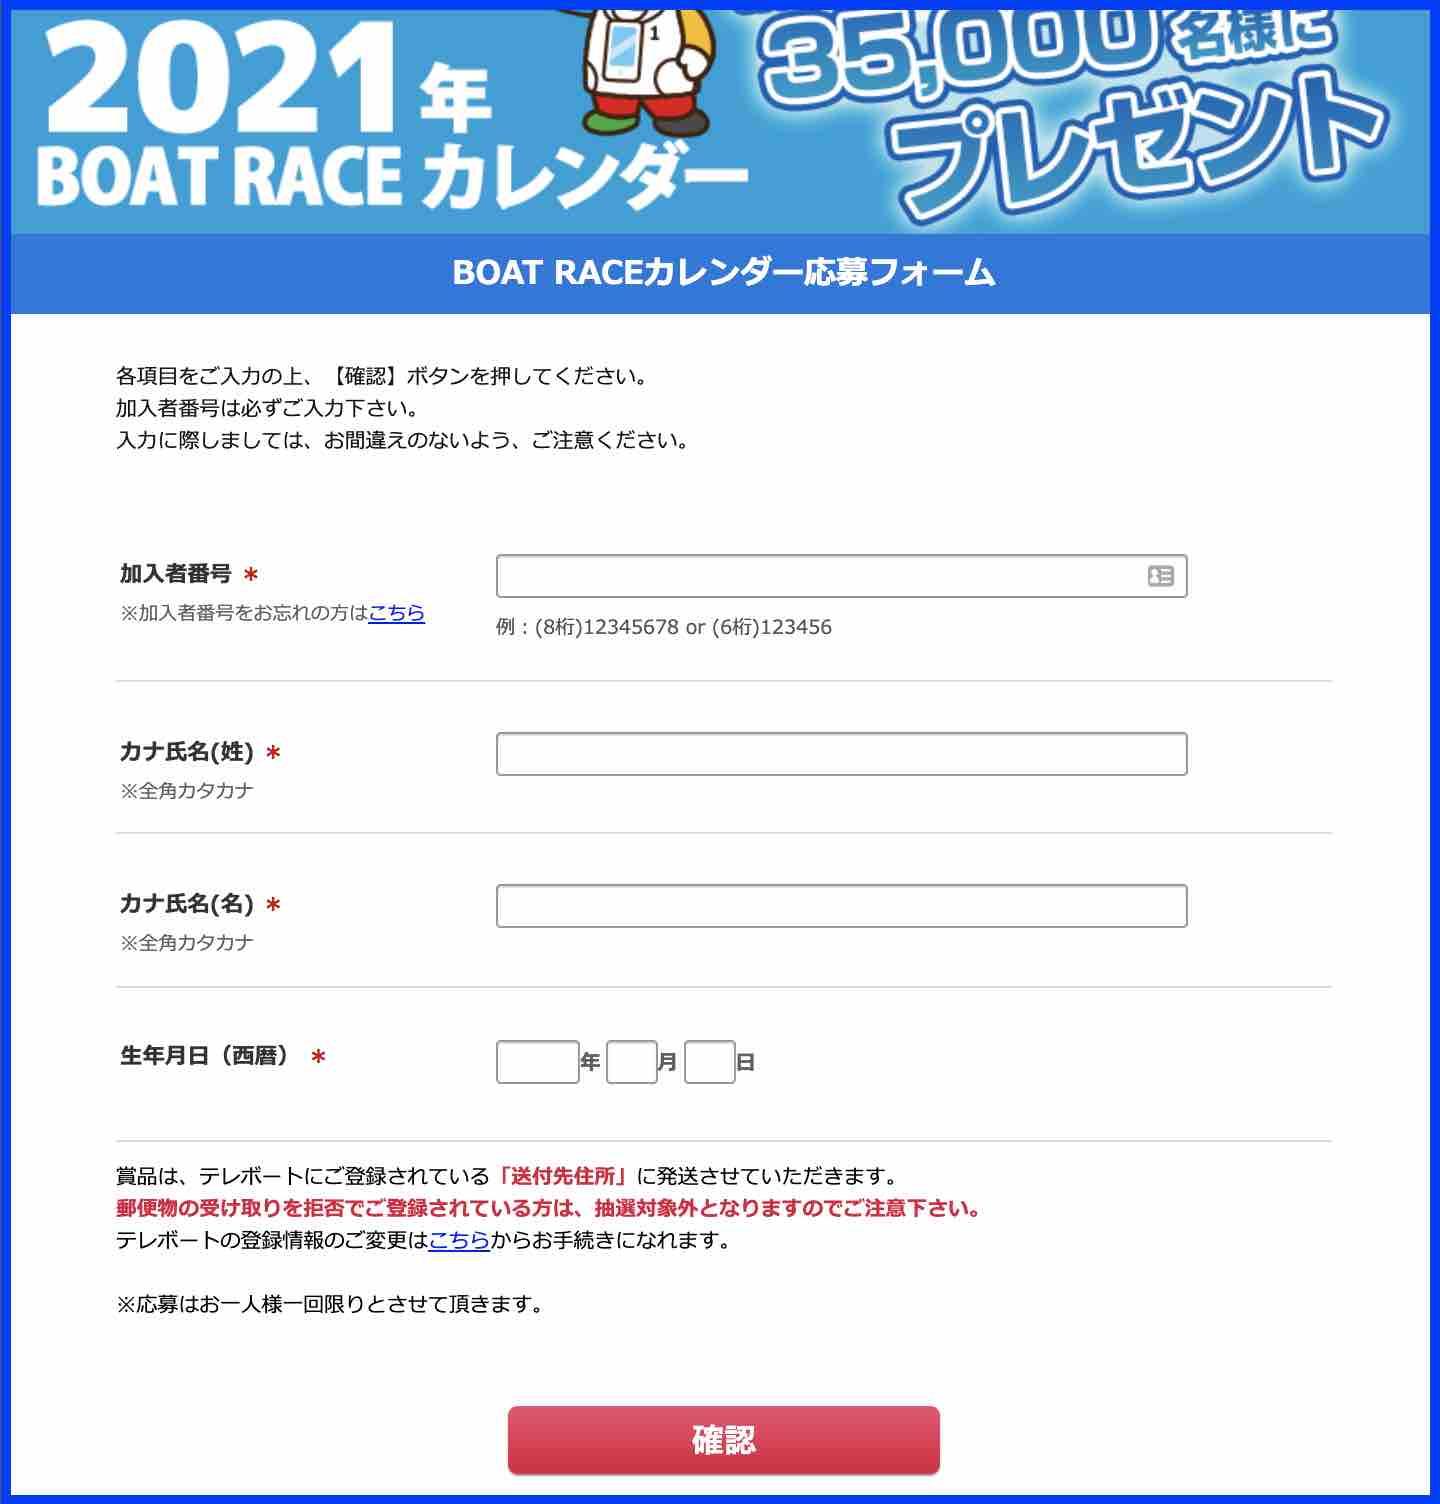 2021競艇ボートレースカレンダーの応募フォーム